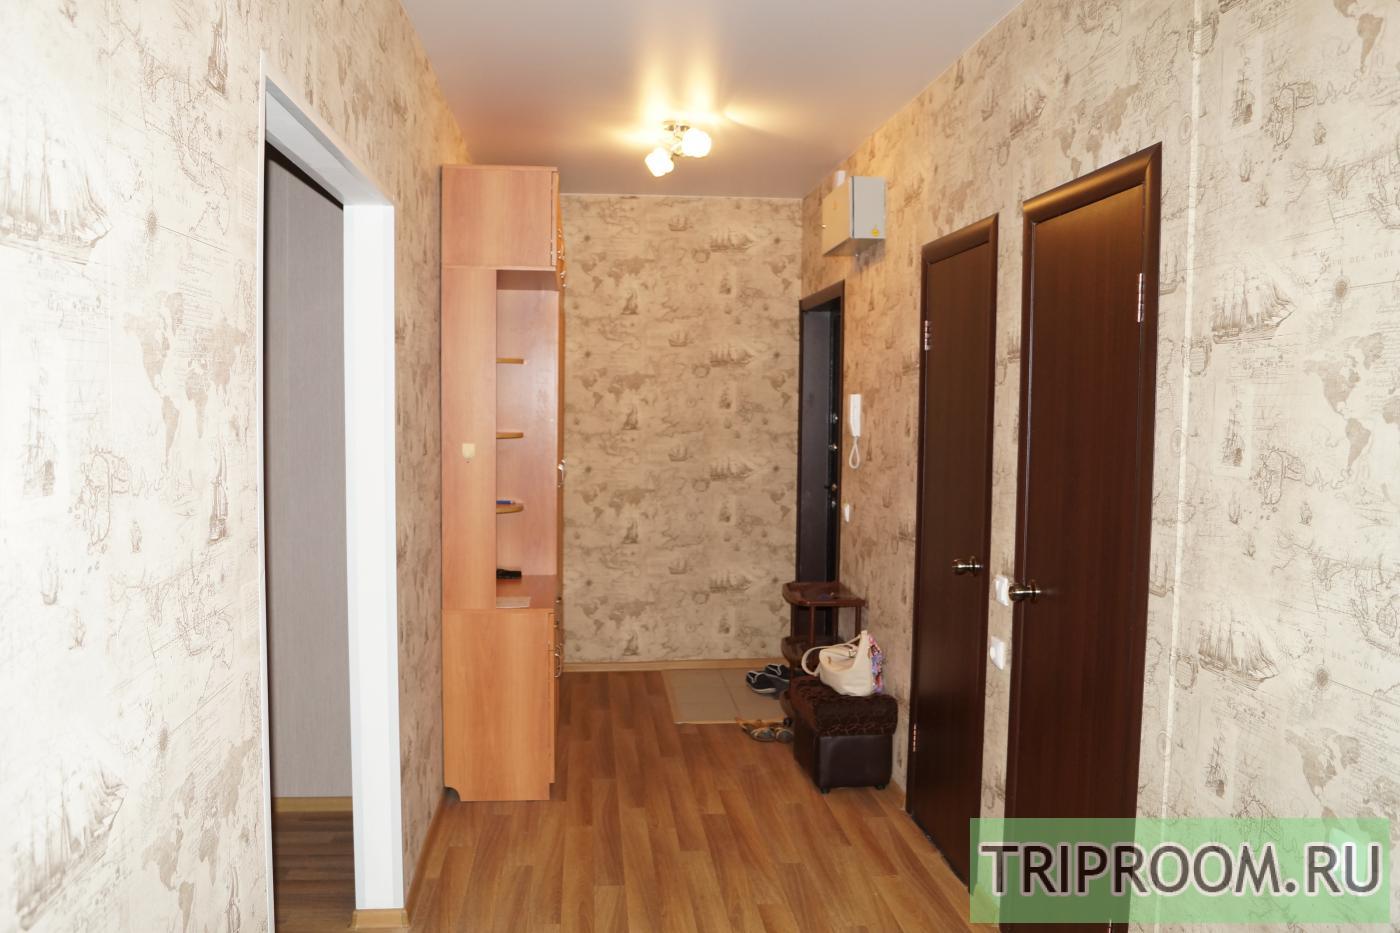 2-комнатная квартира посуточно (вариант № 8512), ул. Урицкого улица, фото № 6